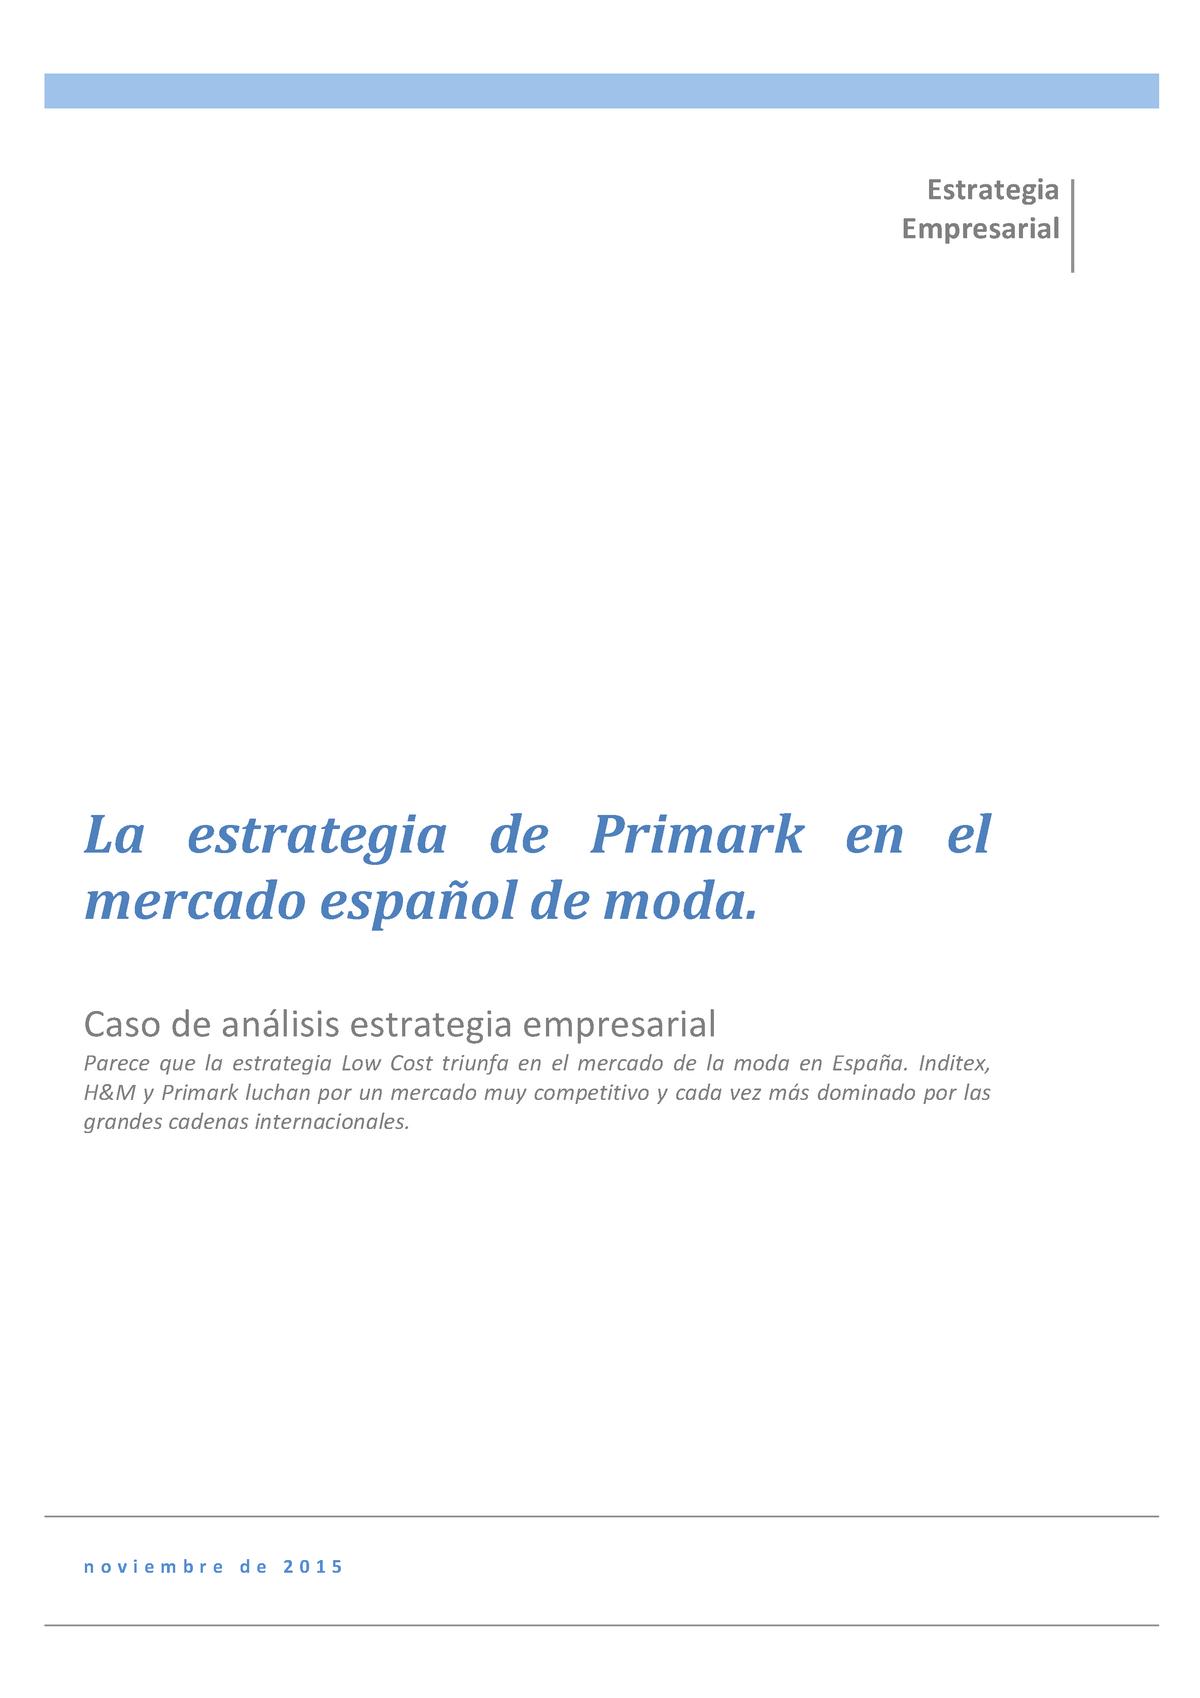 b83ebf9f2 La estrategia de Primark en el mercado español de moda - Estrategia  Empresarial - StuDocu